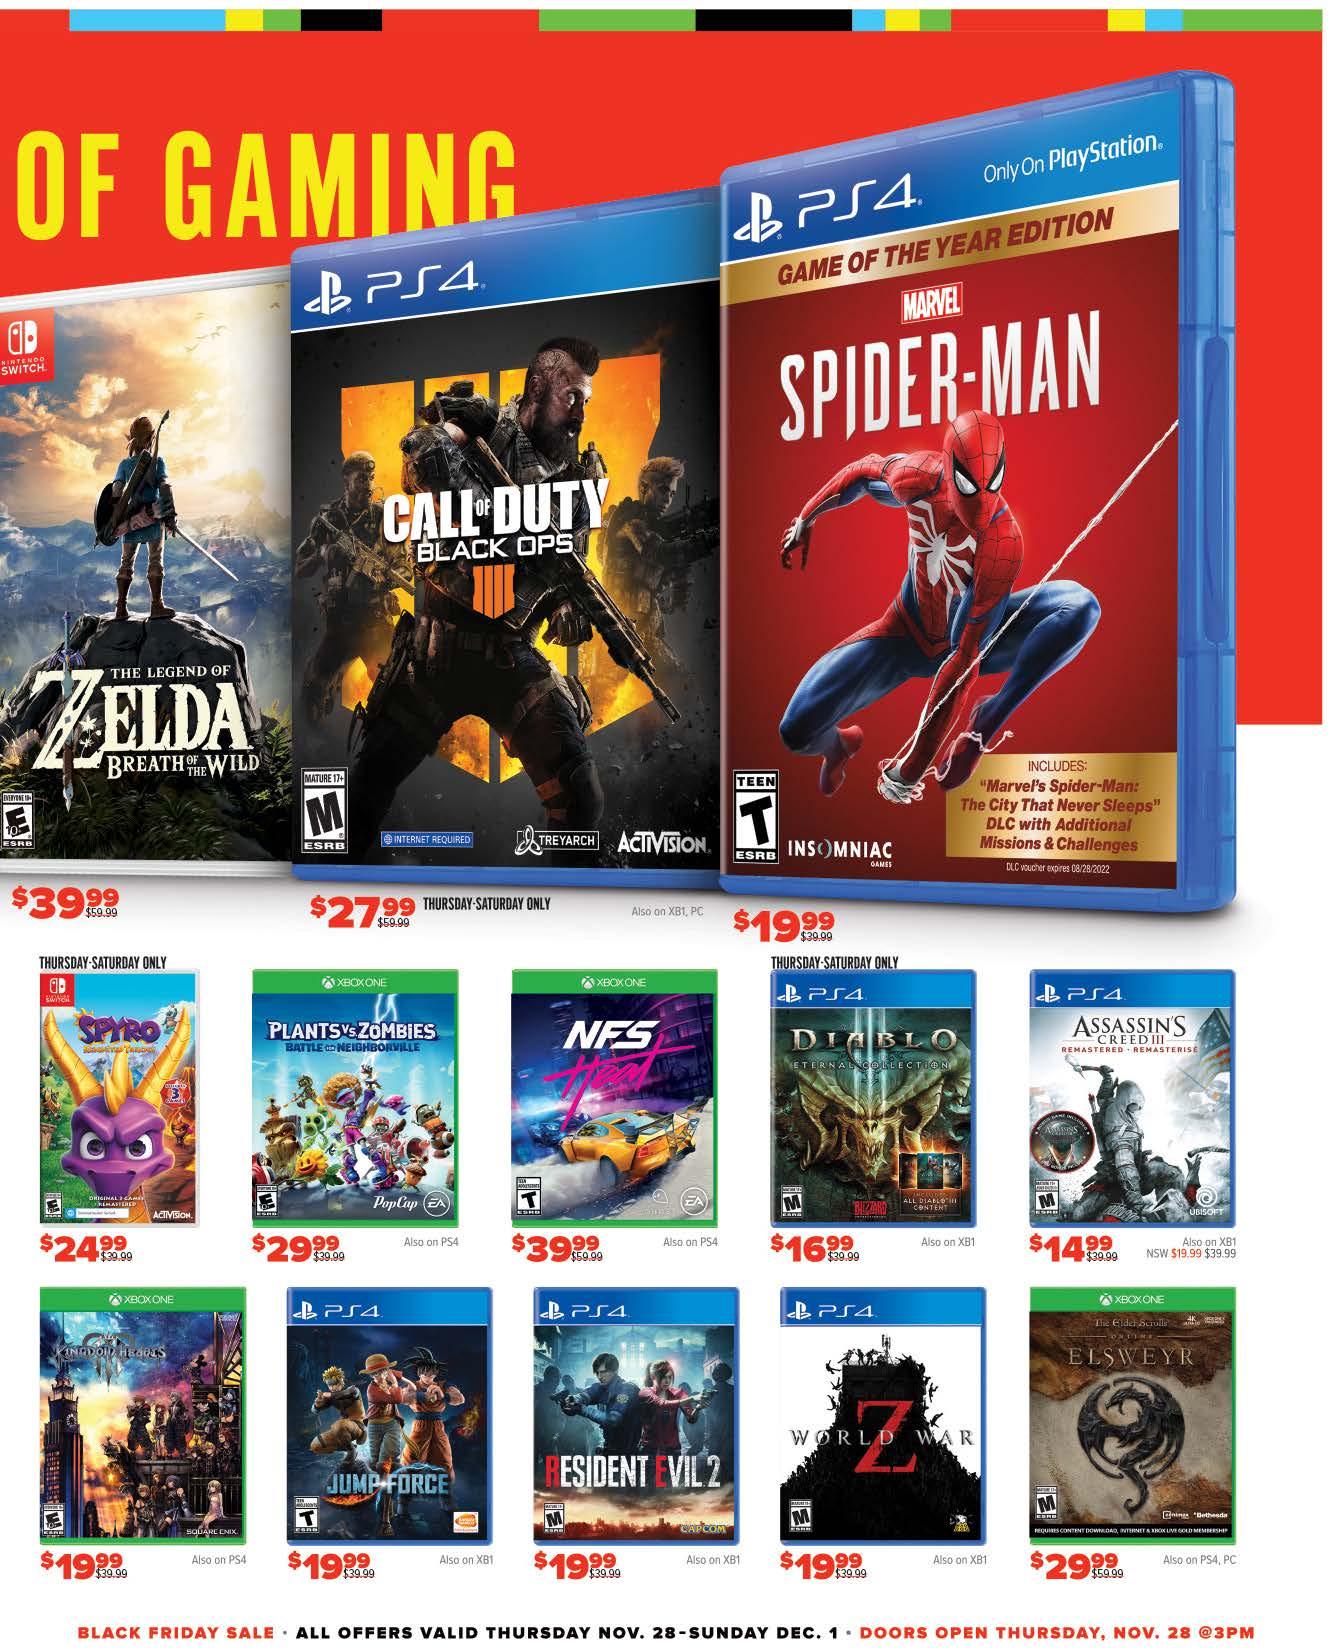 GameStop Black Friday 2019 Page 3